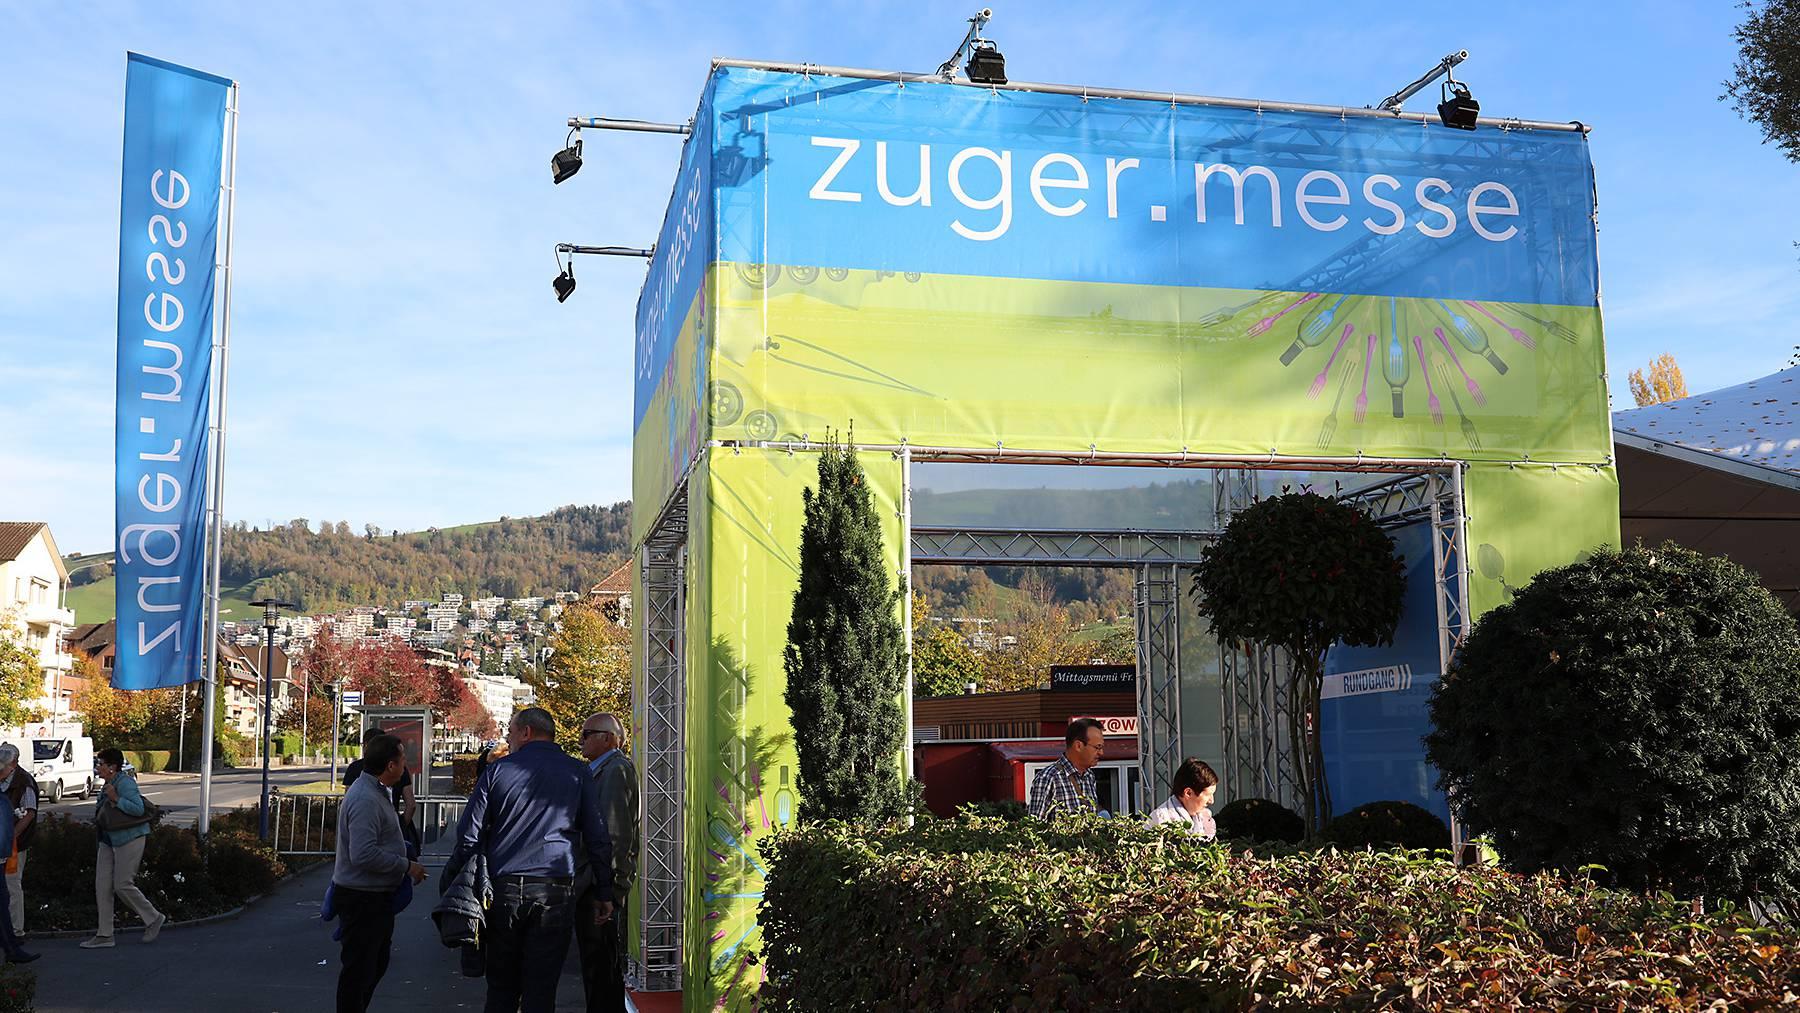 Zuger Messe 2019